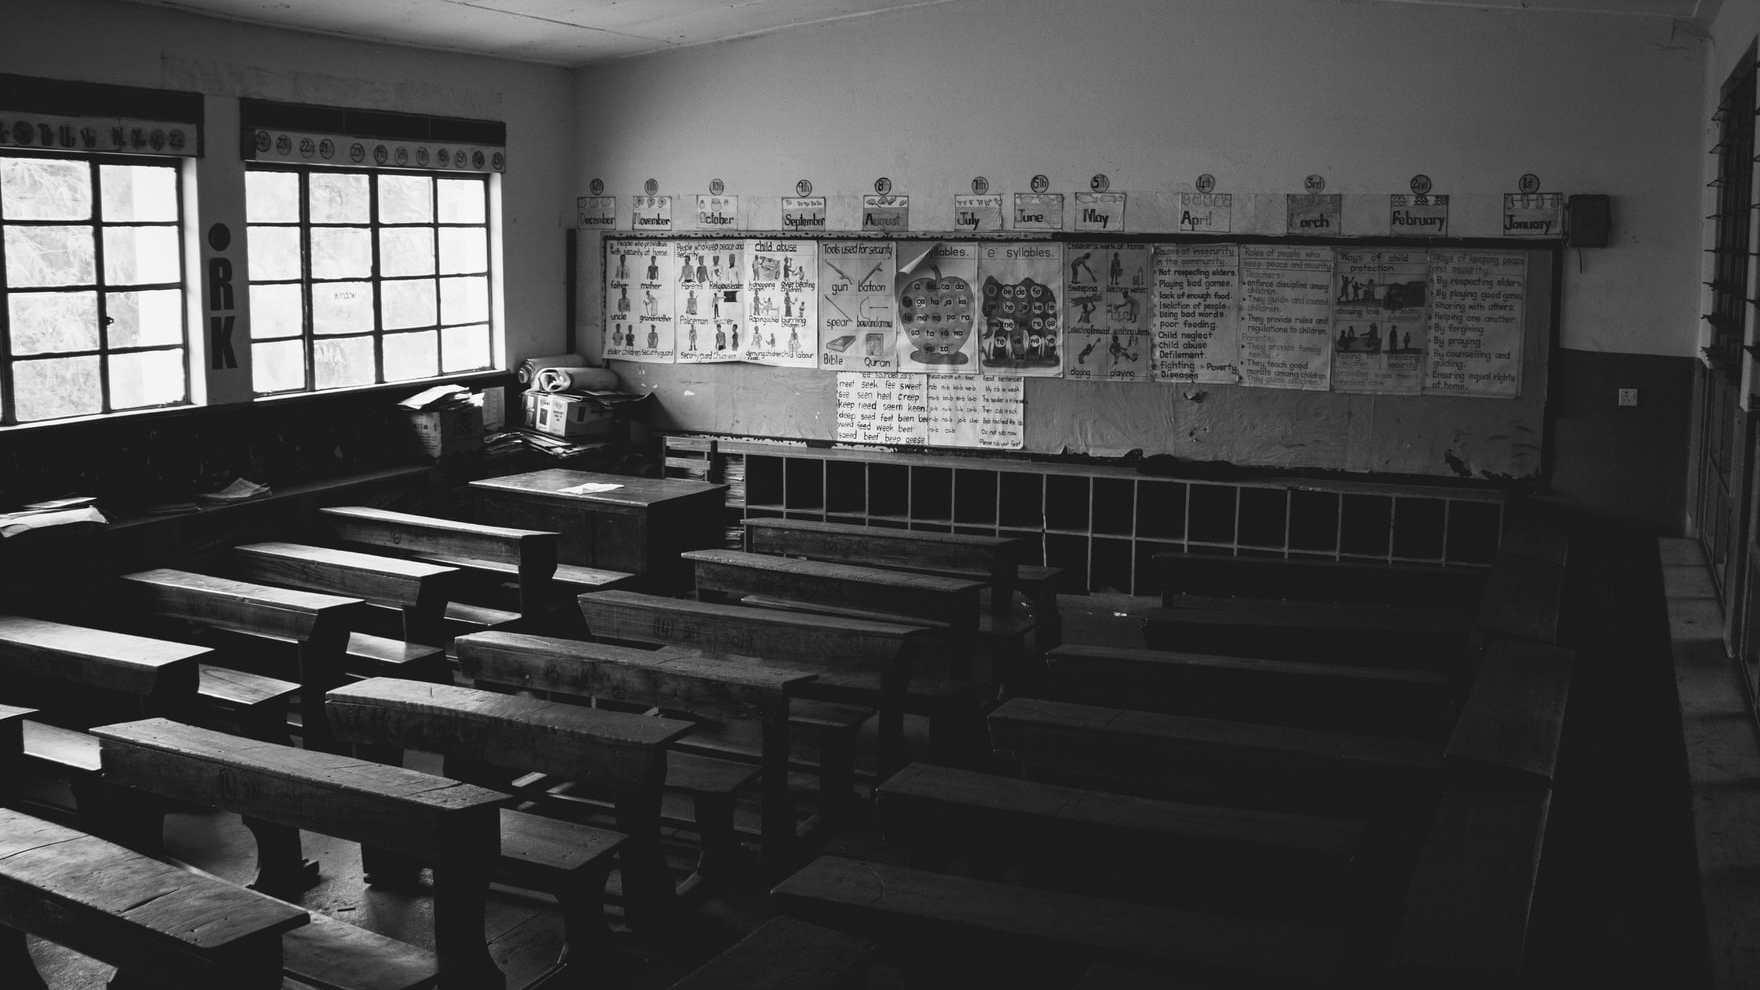 Prázdná školní třída bez žáků.